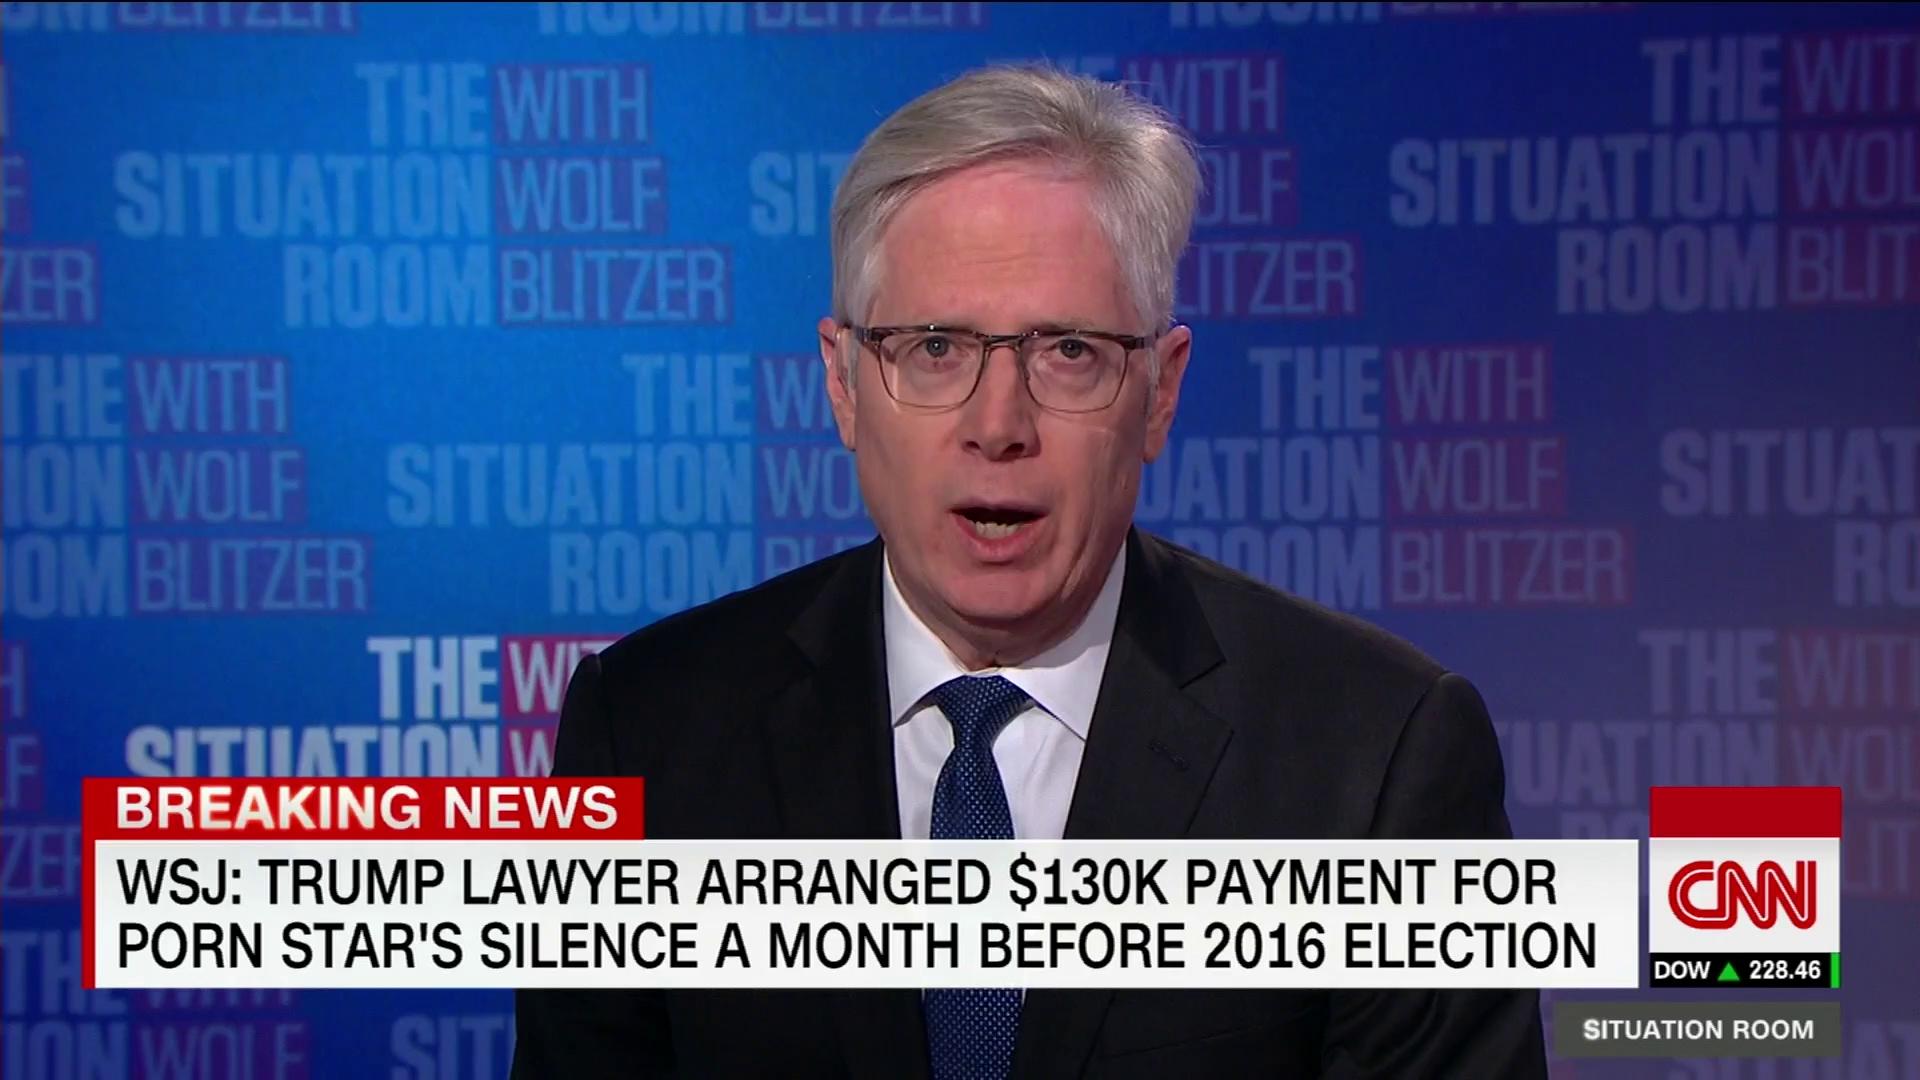 CNN đưa tin về cáo buộc của WSJ, cho rằng Tổng thống Mỹ Donald Trump từng qua lại với ngôi sao khiêu dâm Daniels.